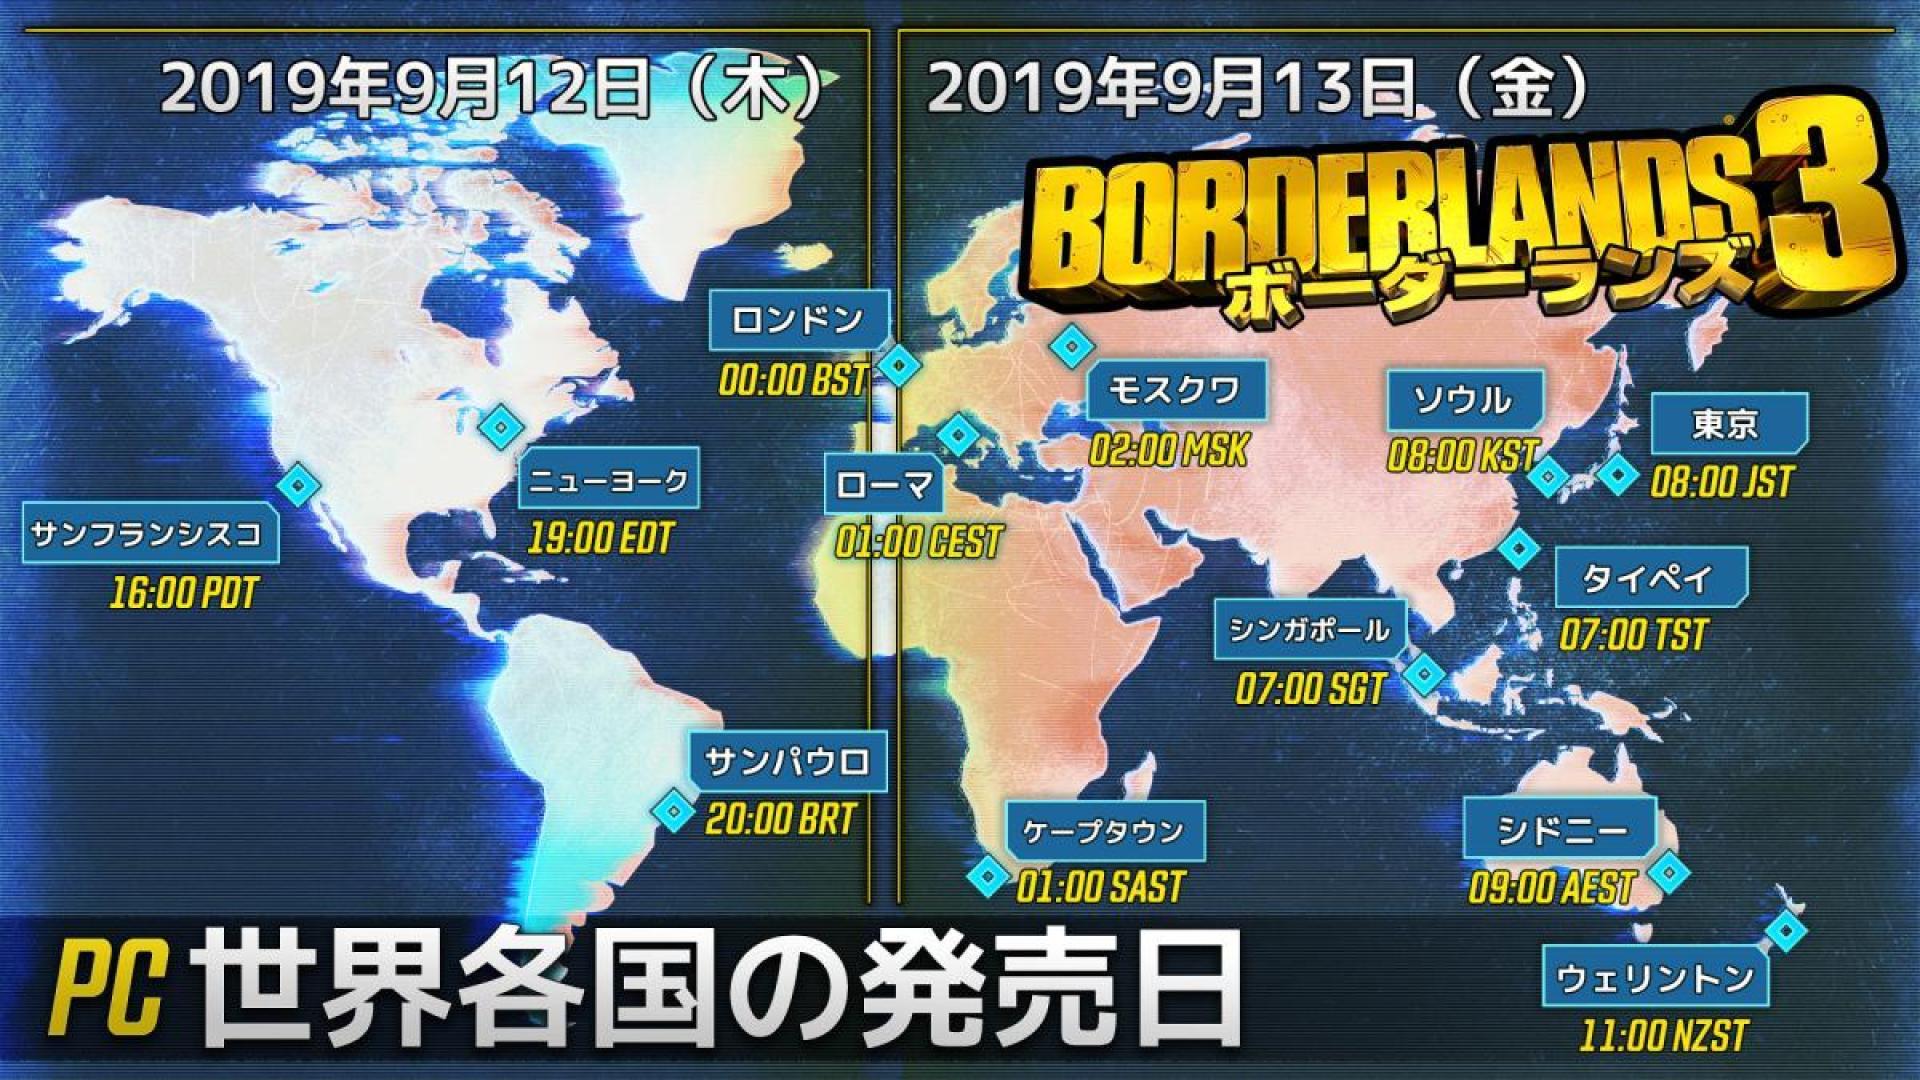 ボダラン3:CS版・PC版それぞれのゲーム解禁時間と事前ダウンロード開始時間が発表